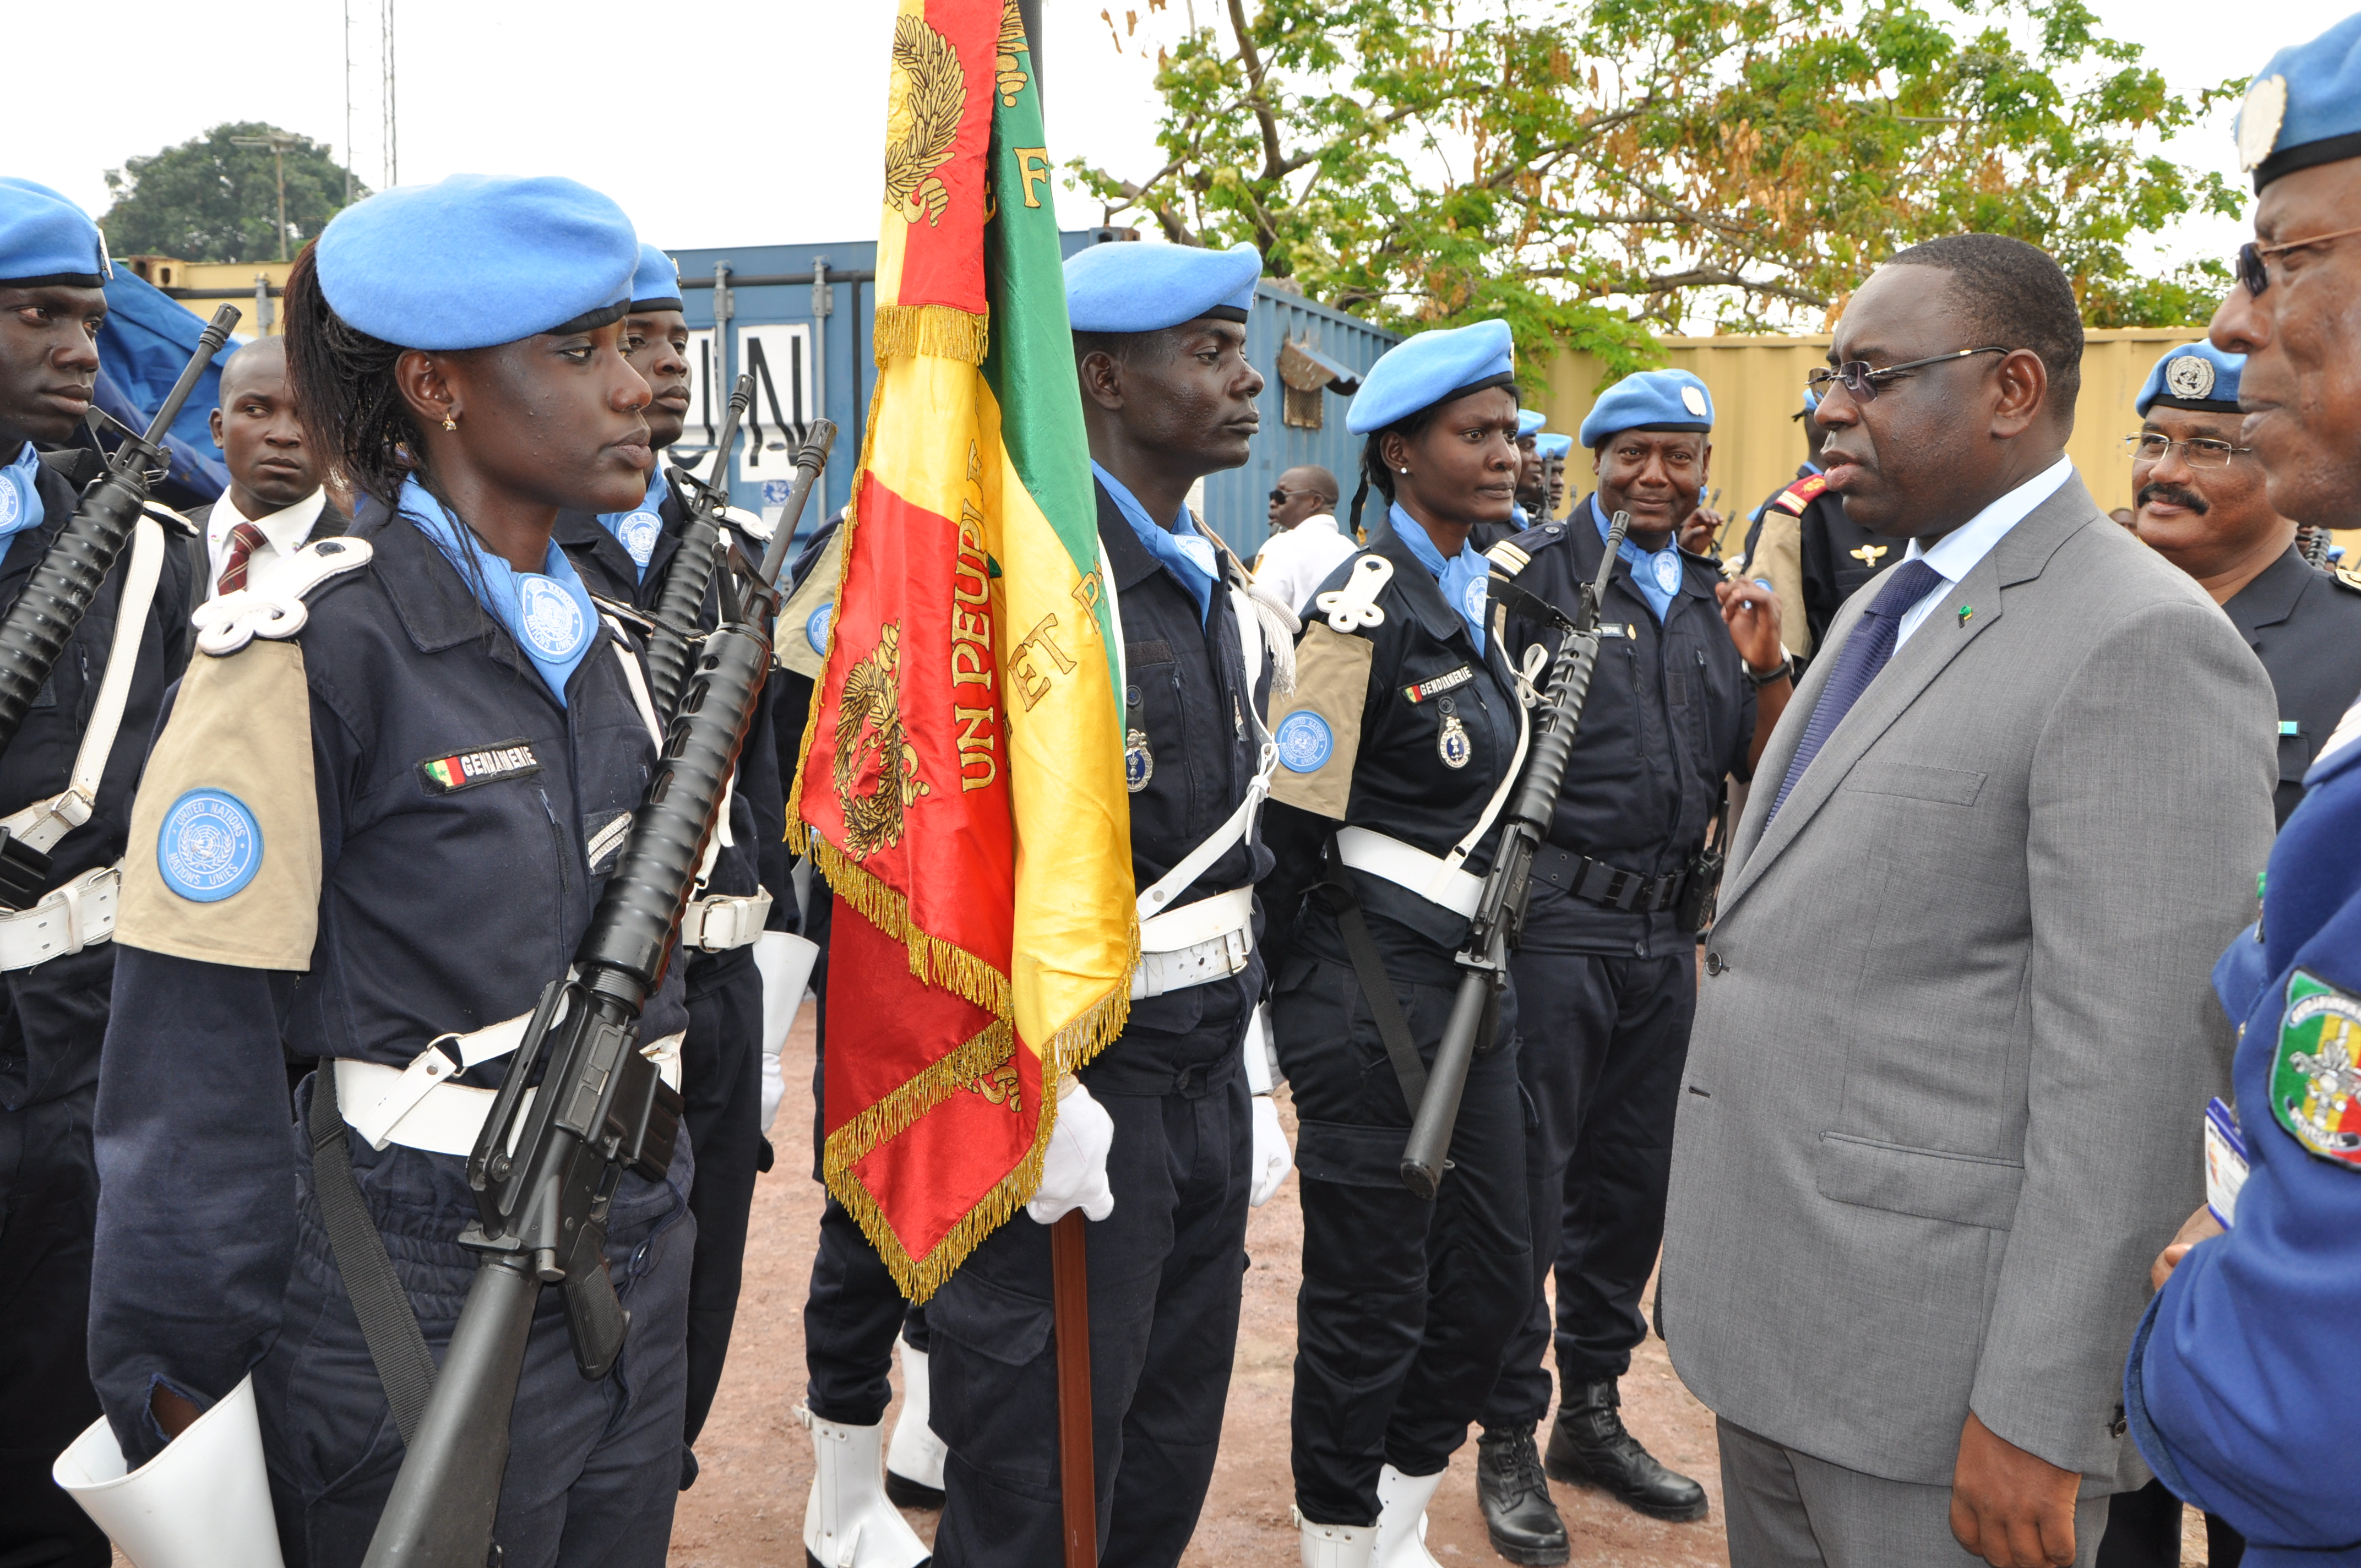 Macky Sall a recommandé l'urgence de prendre toutes les dispositions préventives et coercitives requises, notamment par la police et la gendarmerie, pour juguler la criminalité.